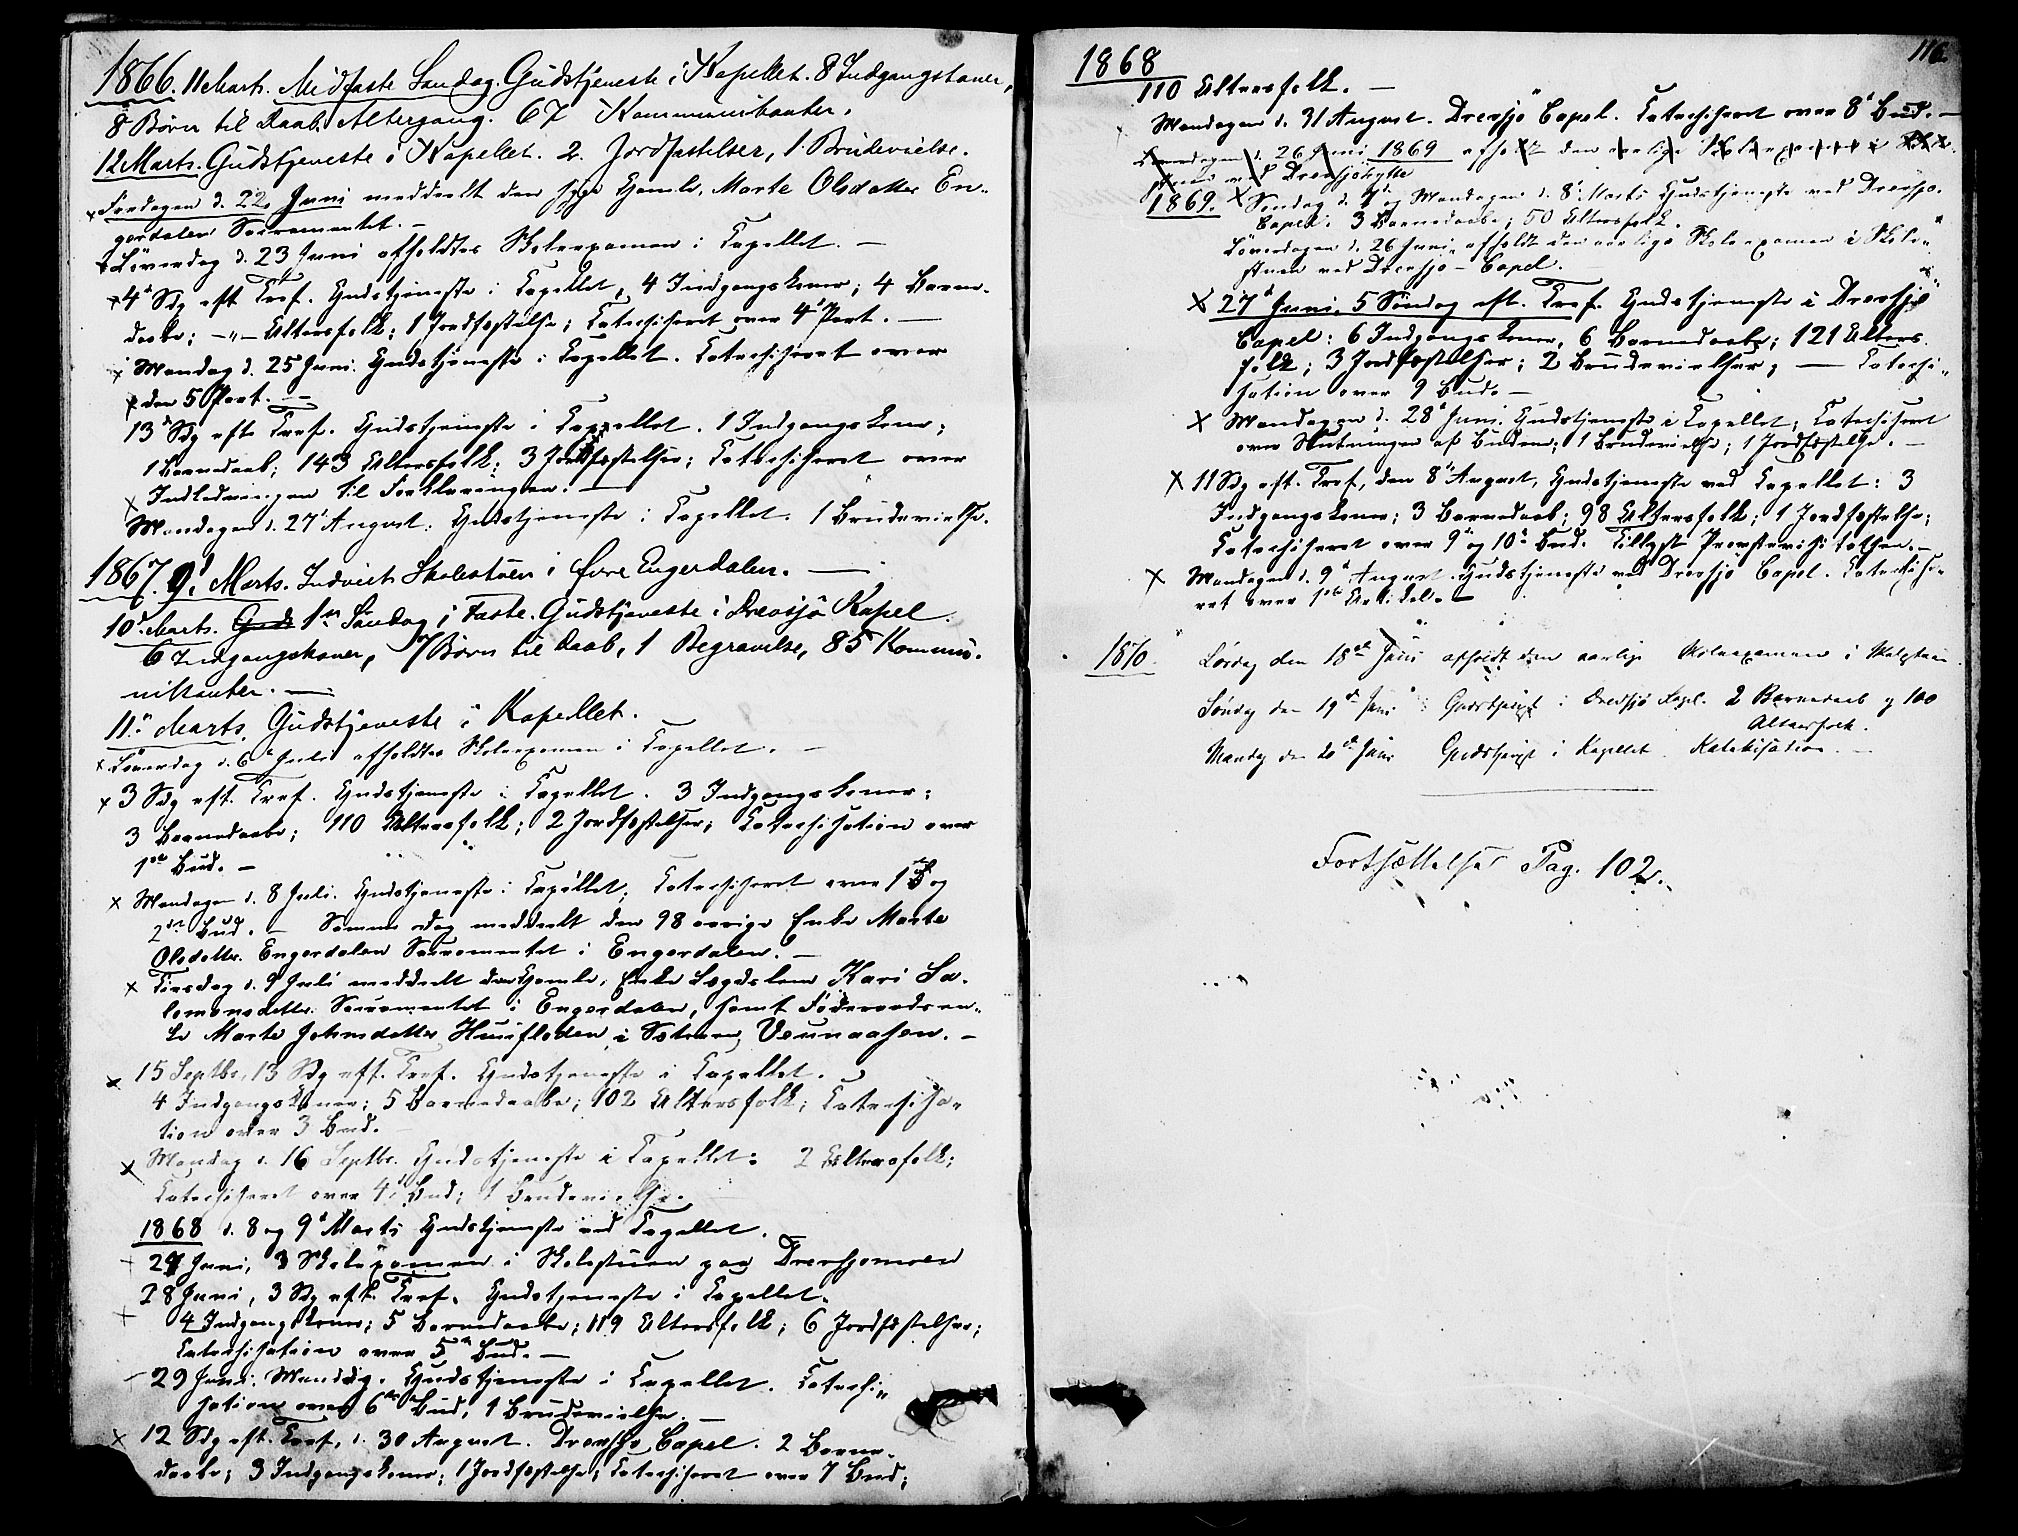 SAH, Rendalen prestekontor, H/Ha/Hab/L0002: Klokkerbok nr. 2, 1858-1880, s. 116